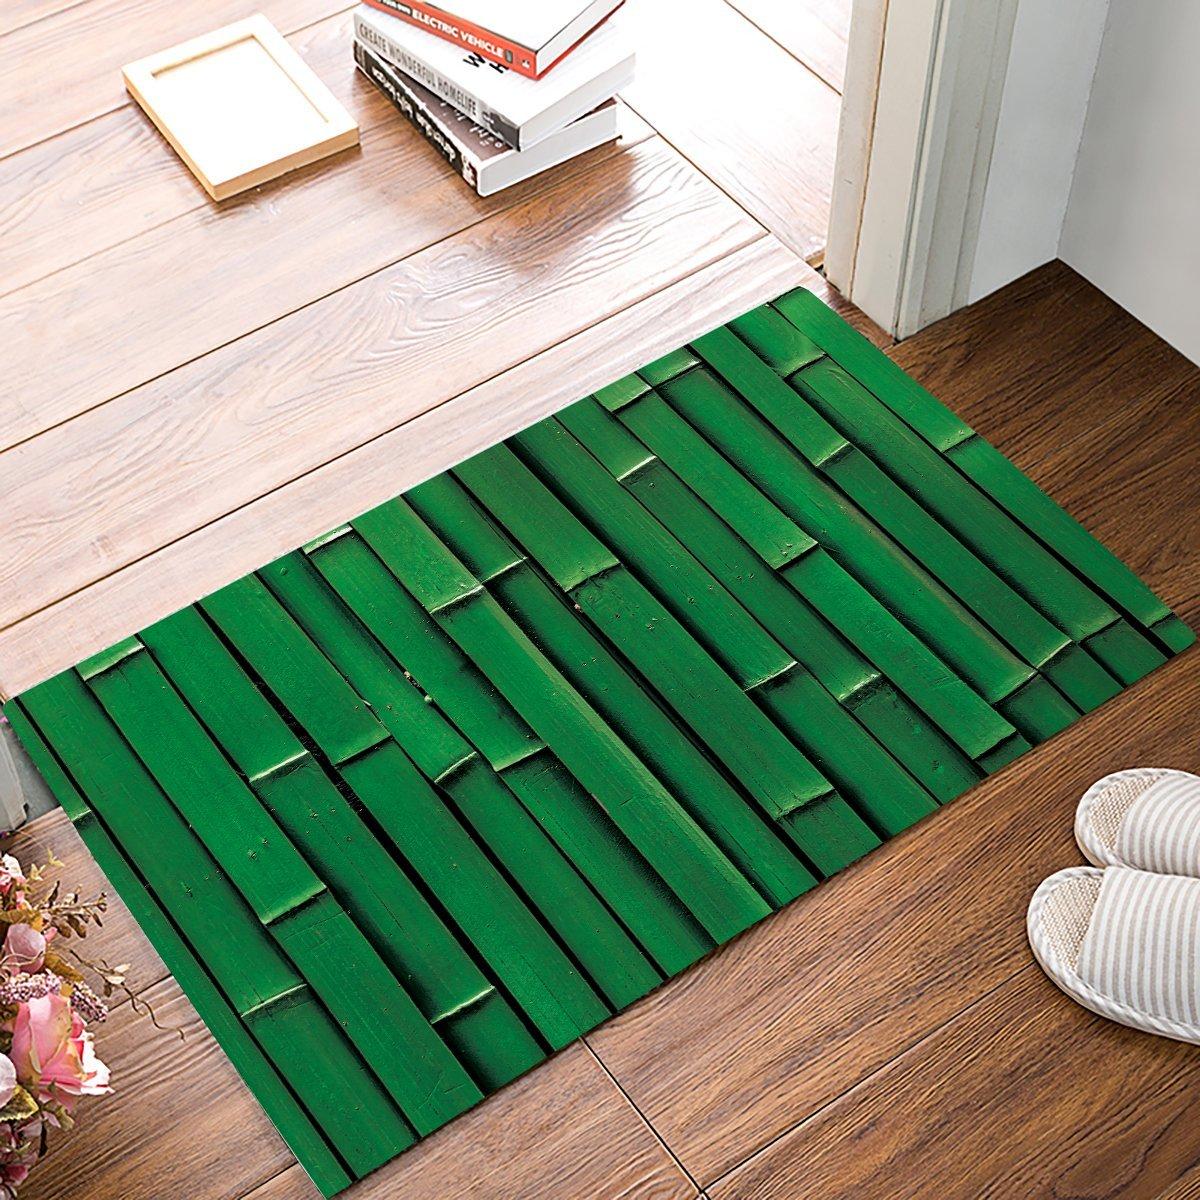 Green Bamboo Door Mats Kitchen Floor Bath Entrance Rug Mat Absorbent Indoor Bathroom Decor Doormats